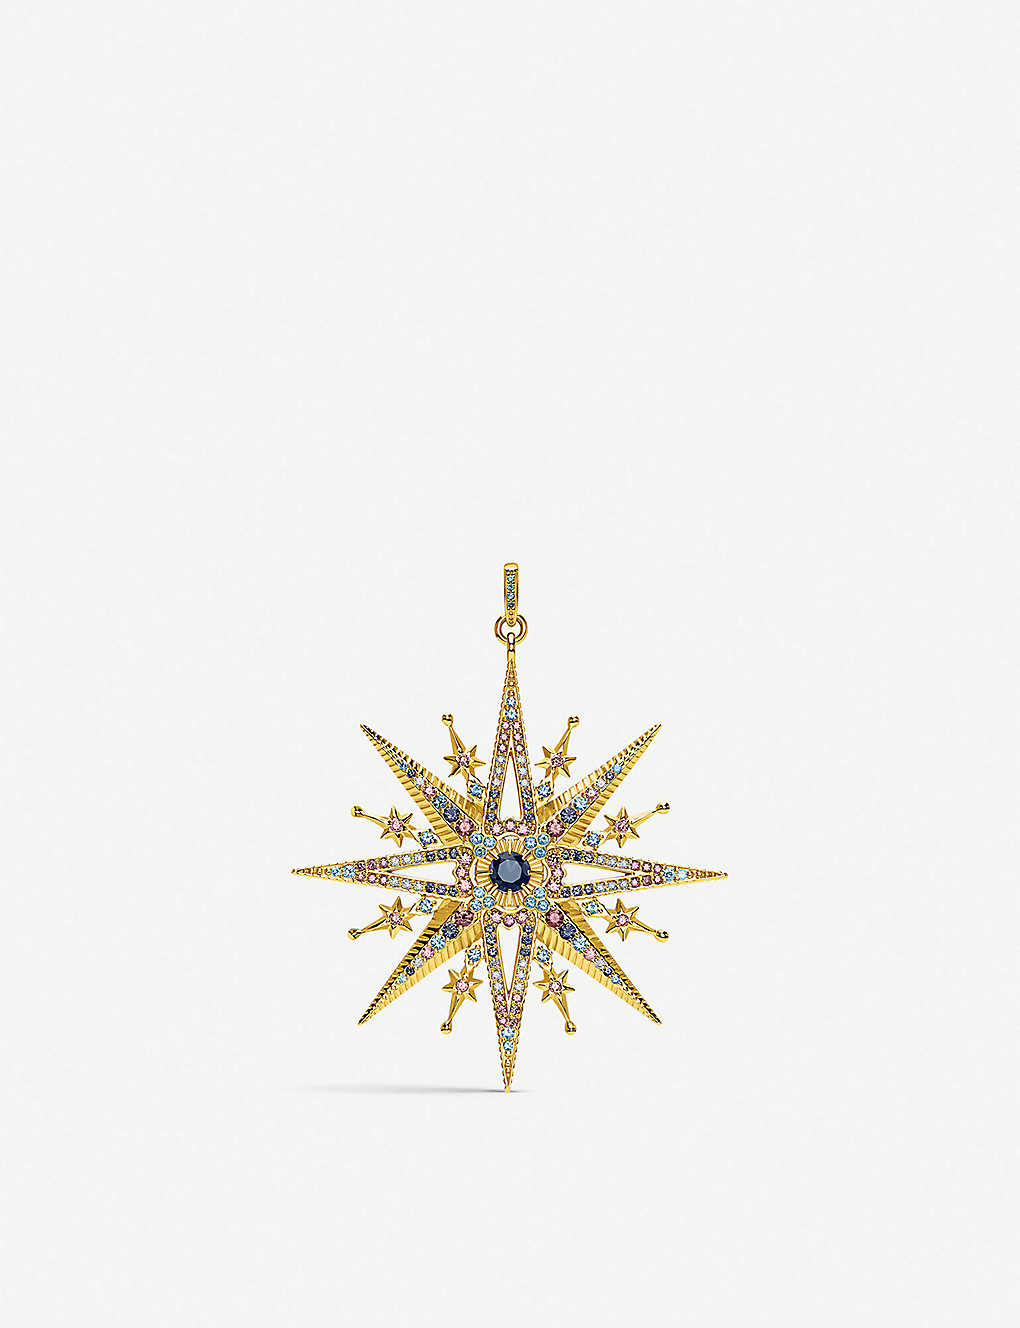 bc3586fcf THOMAS SABO - Kingdom of Dreams Royalty Star 18ct gold-plated ...